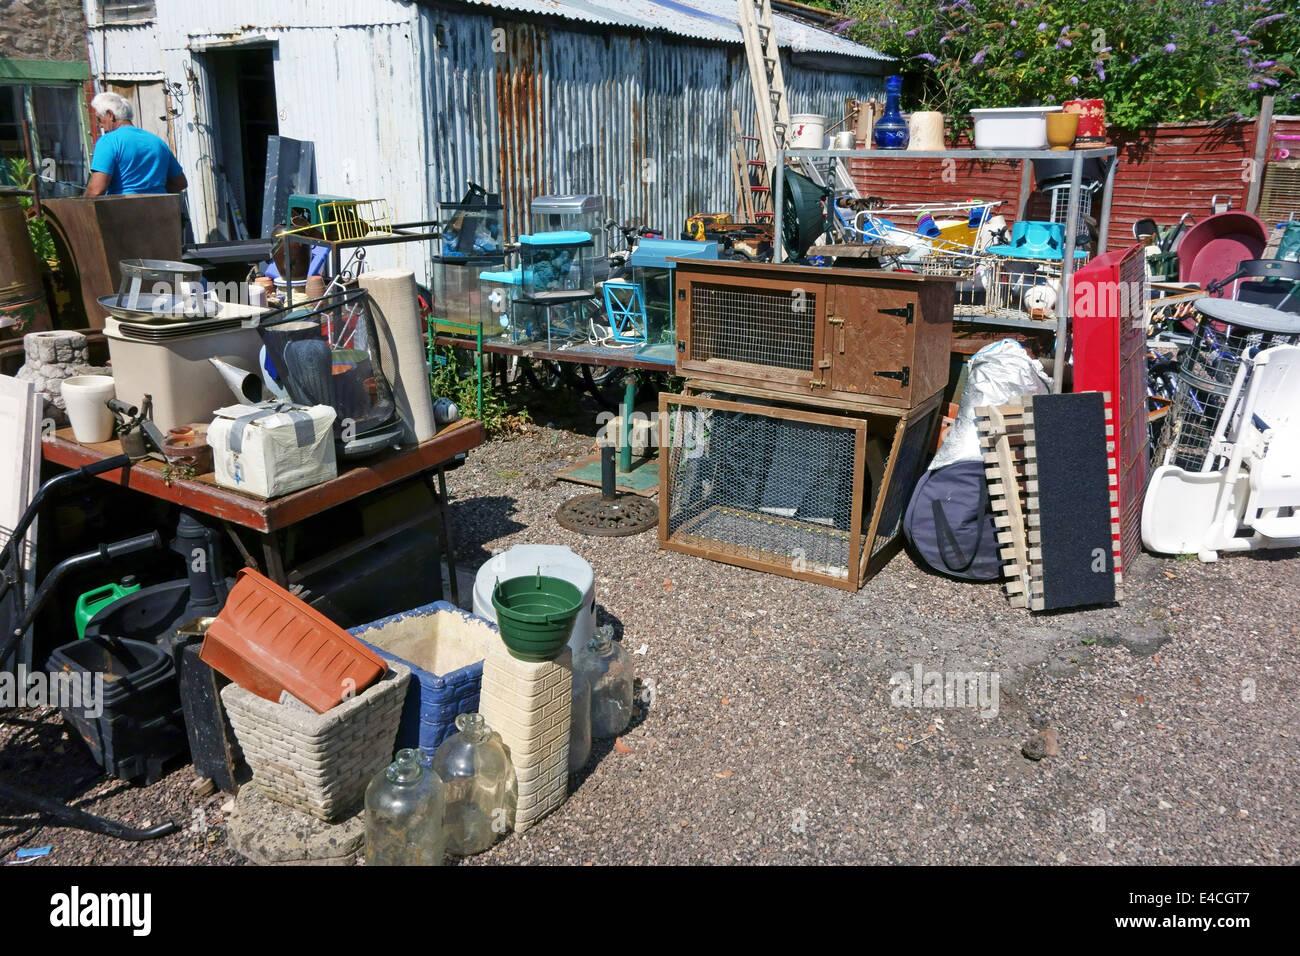 Junkyard in Wellington, Somerset - Stock Image